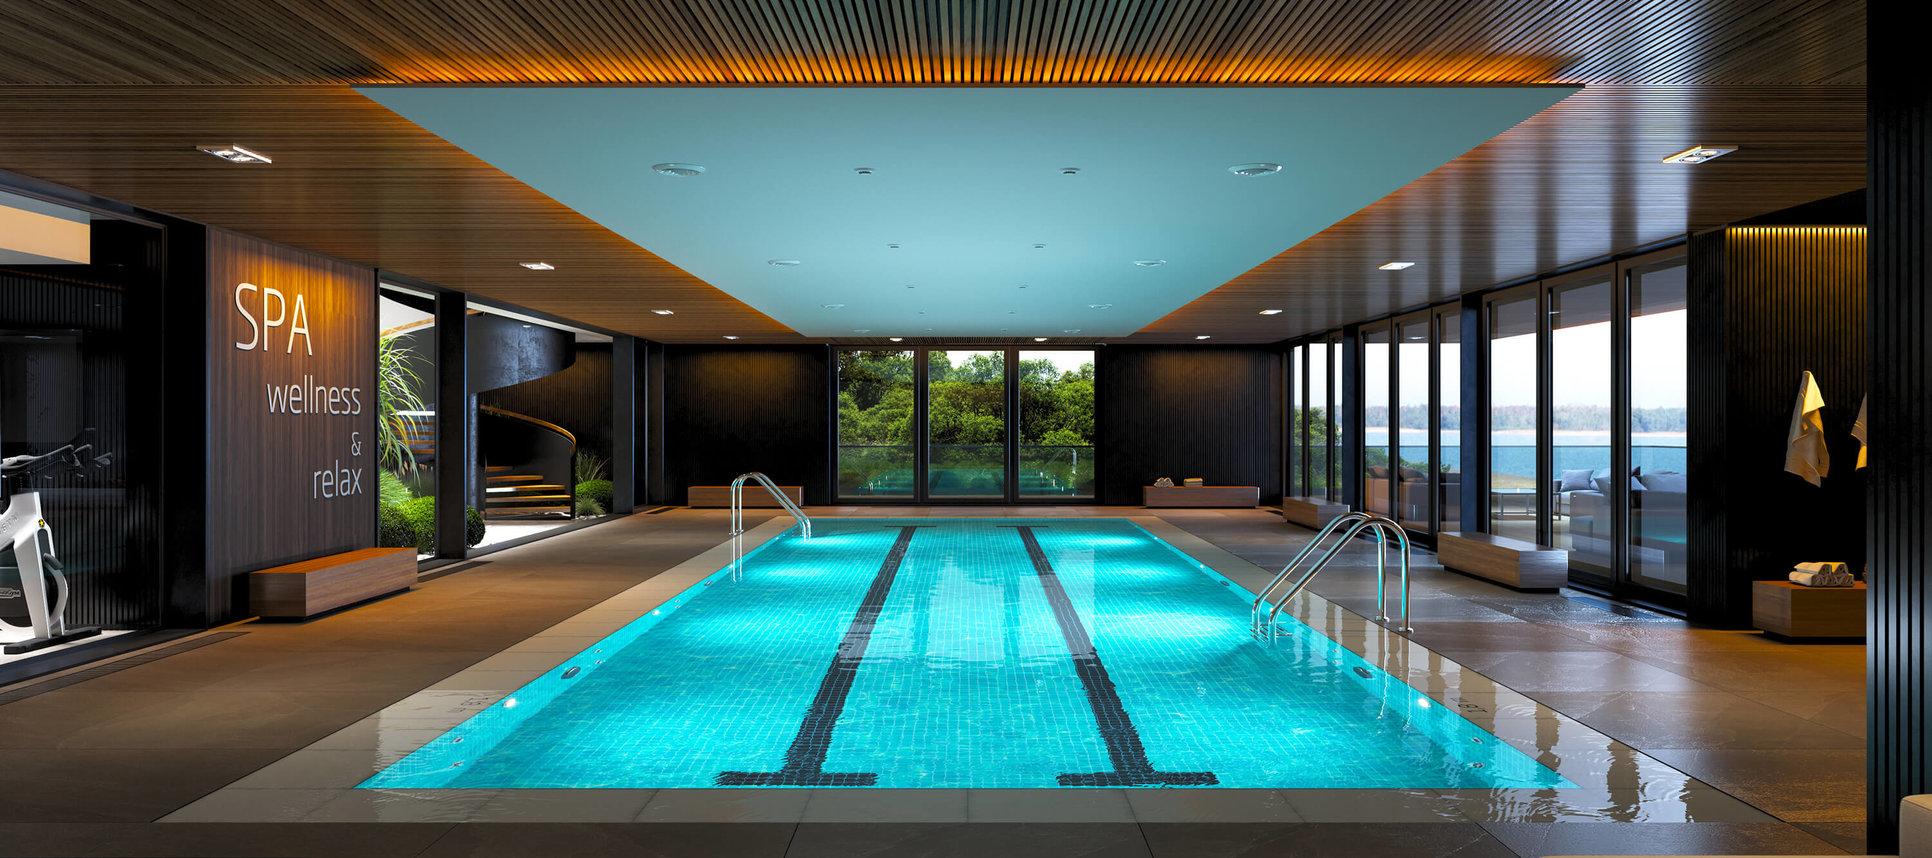 Wizualizacja wnętrz - wizualizacja basenu